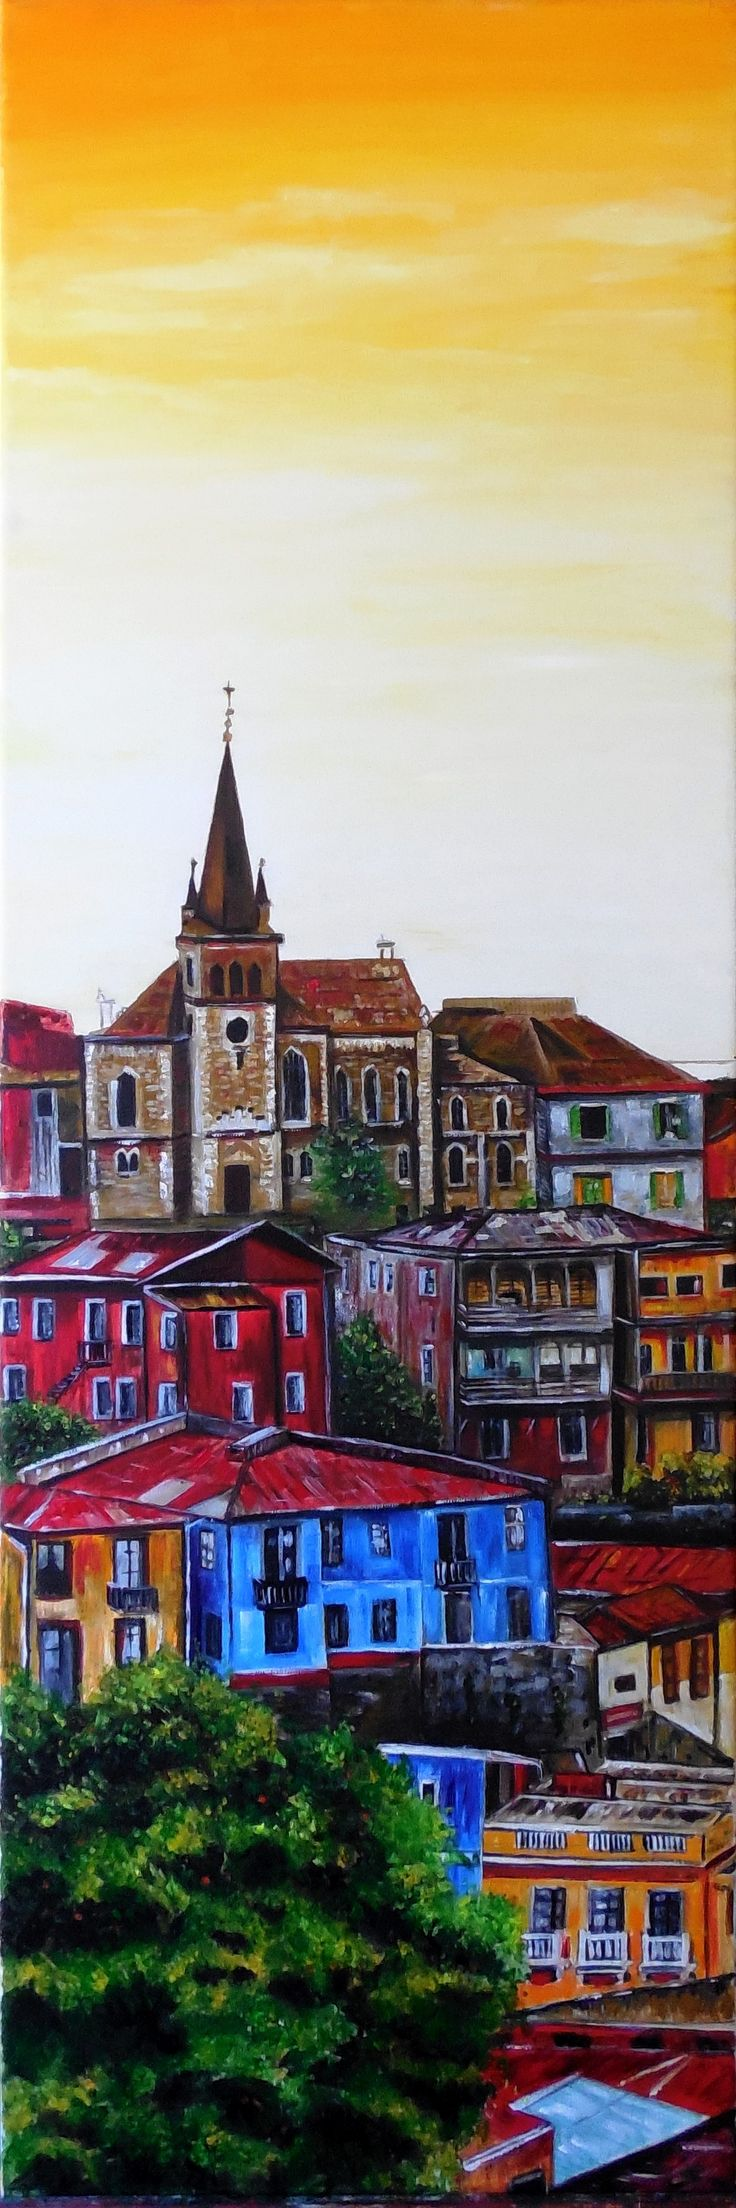 Gisela Villalobos Valparaíso Cuadro ORIGINAL 100 x 50 (aprox) óleo (pintura original, inspirada en fotografía) VENDIDO EL 6/6/2017. FELICITACIONES A GISELA